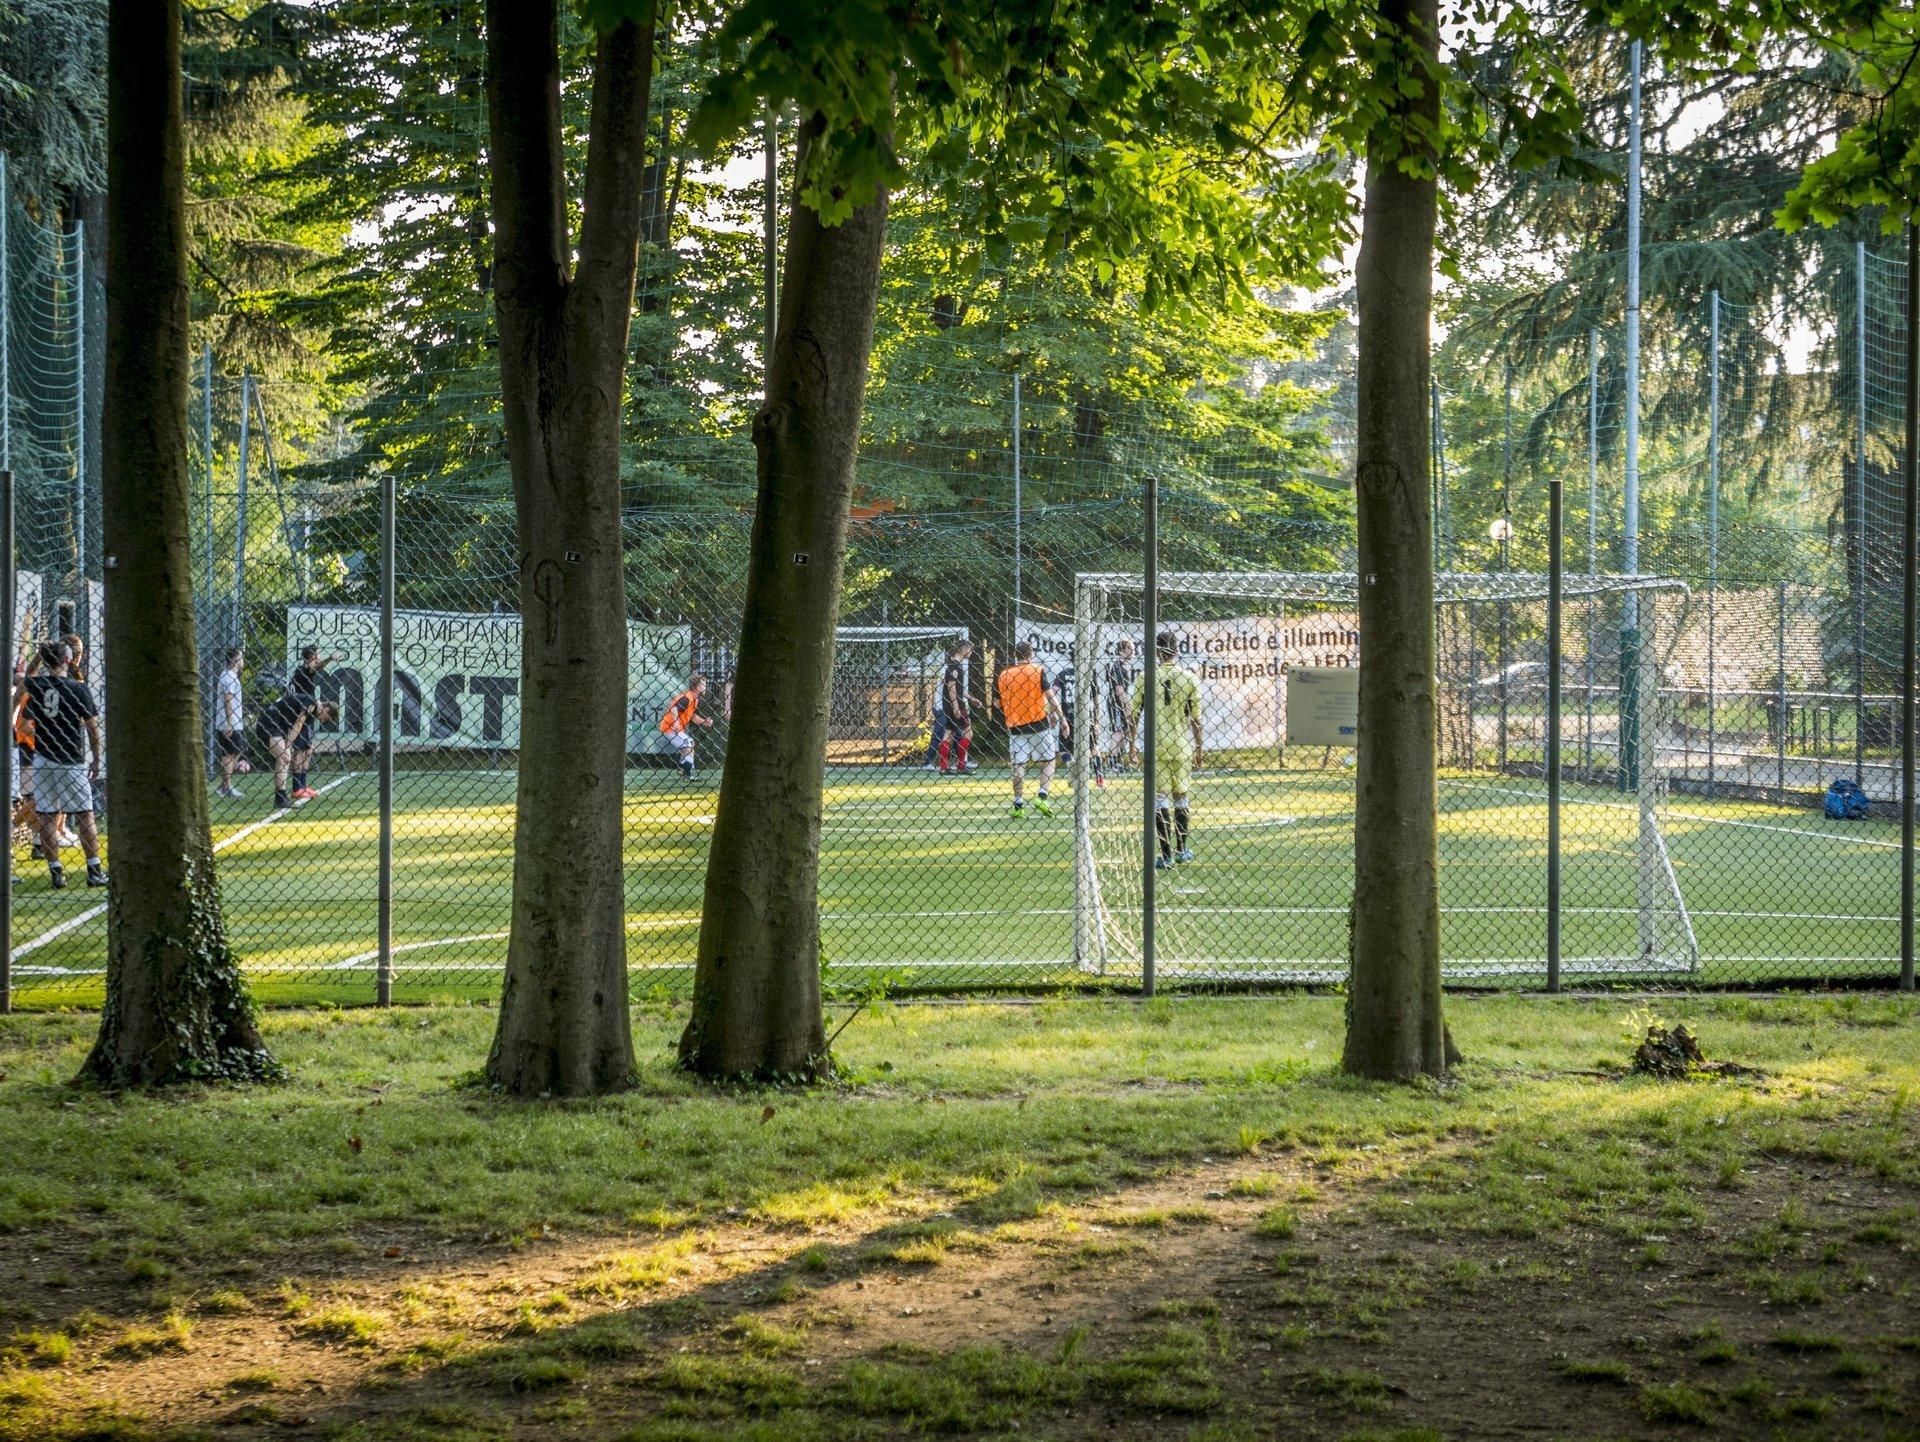 vista campi da calcio con persone che giocano e alberi